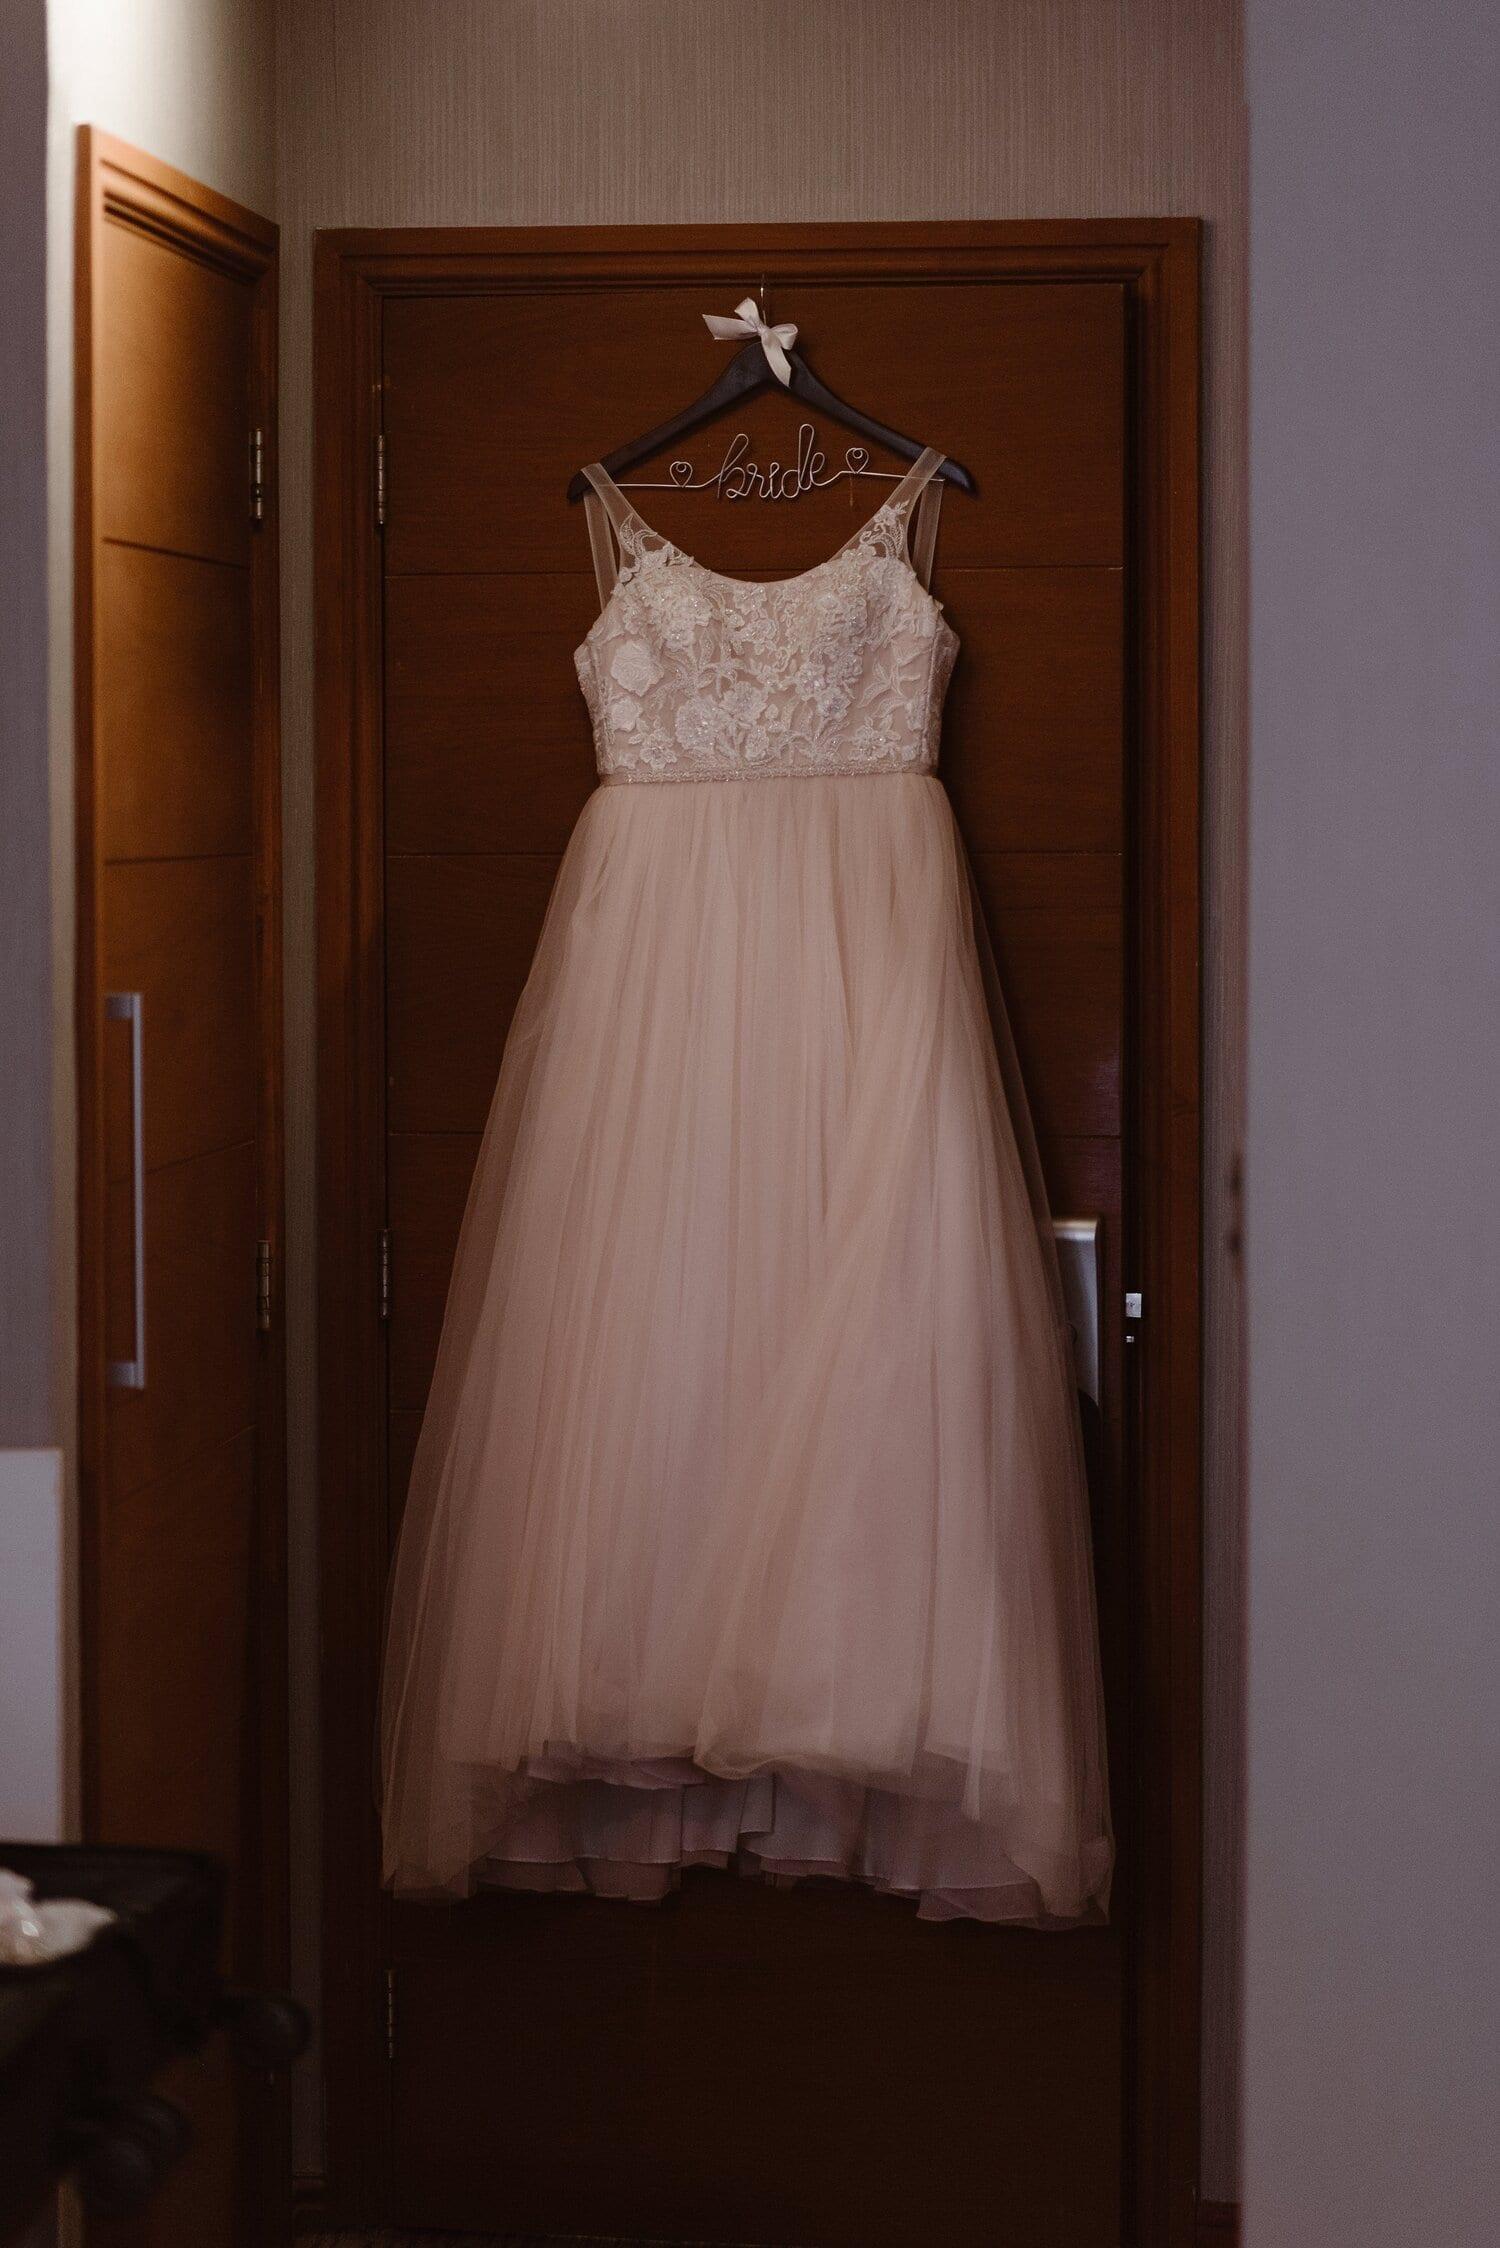 Wedding dress hanging on a door.